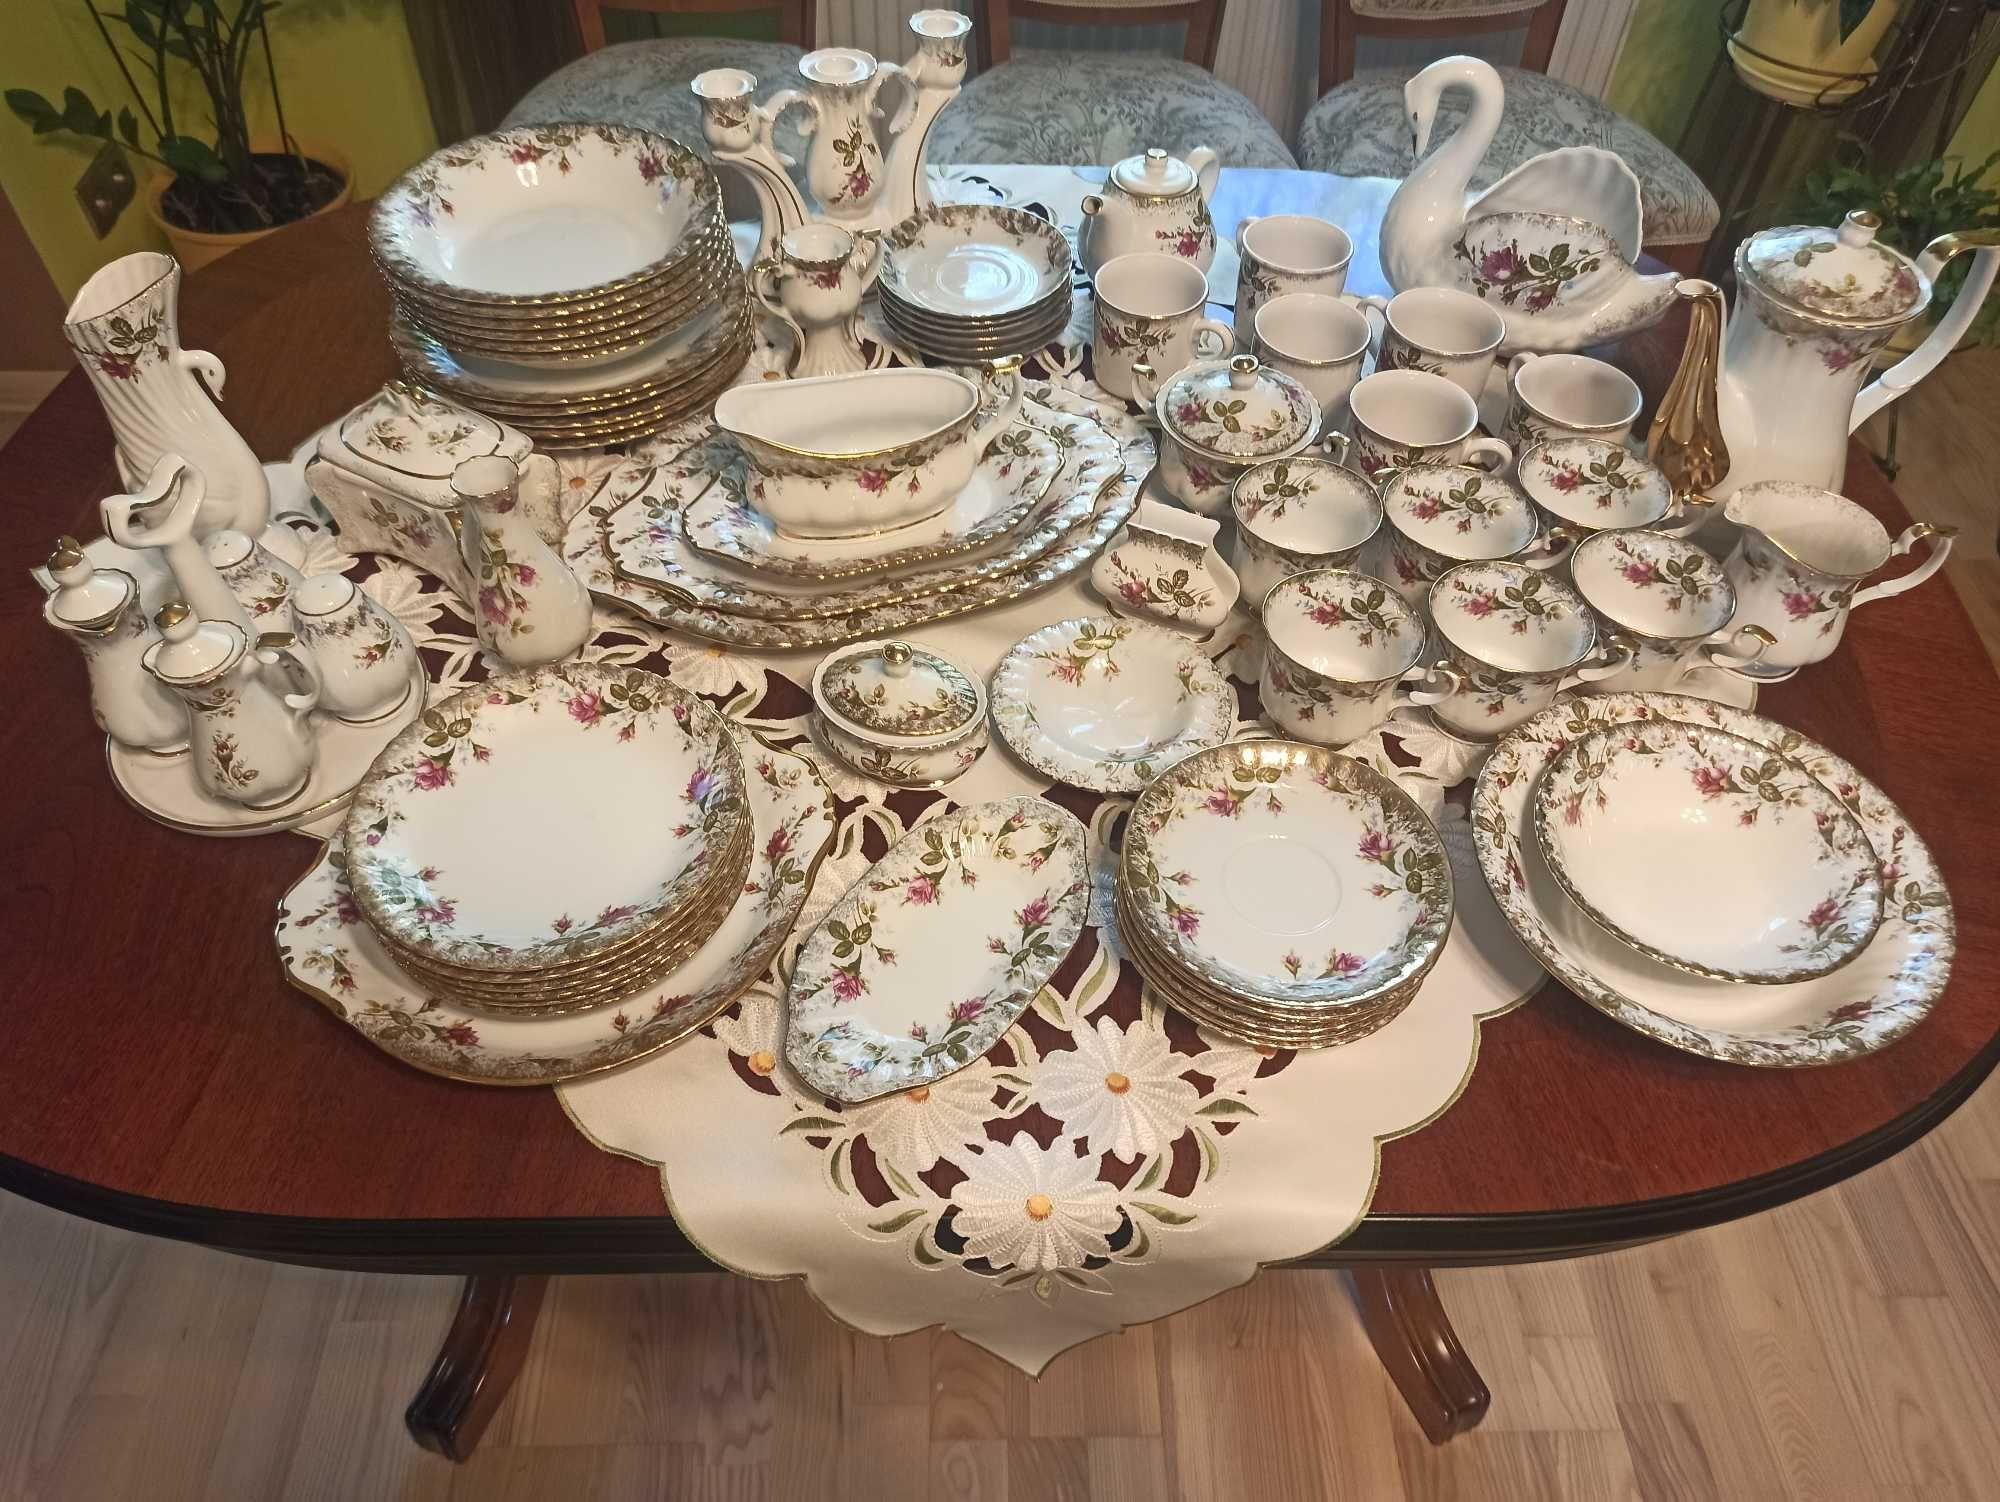 Zastawa obiadowa i kawowo-herbaciana na 6 osób z porcelany Chodzież